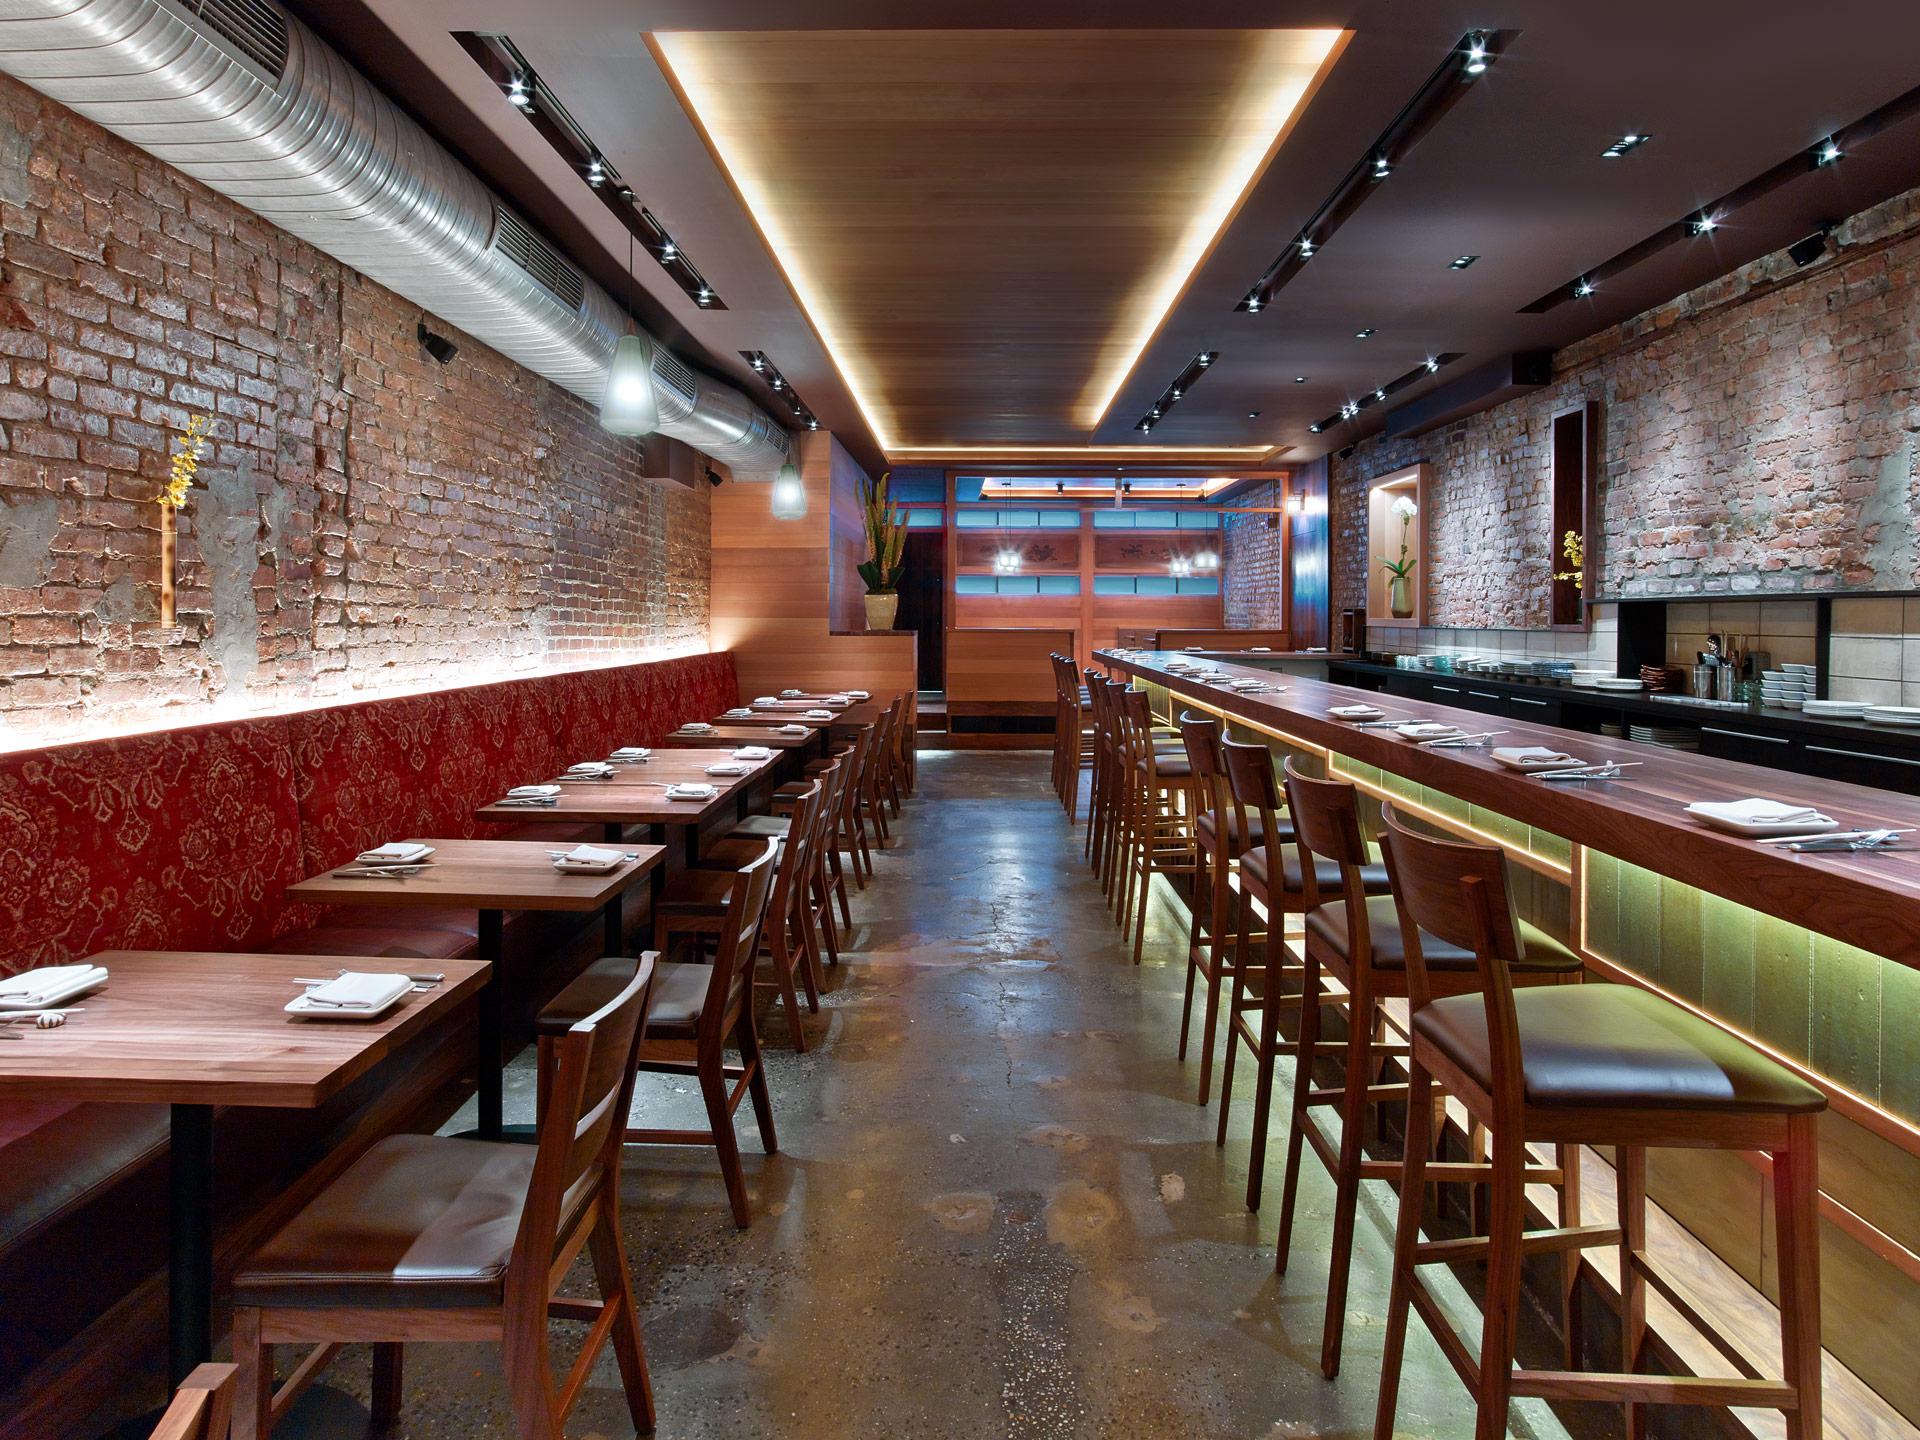 O Ya restaurant decor